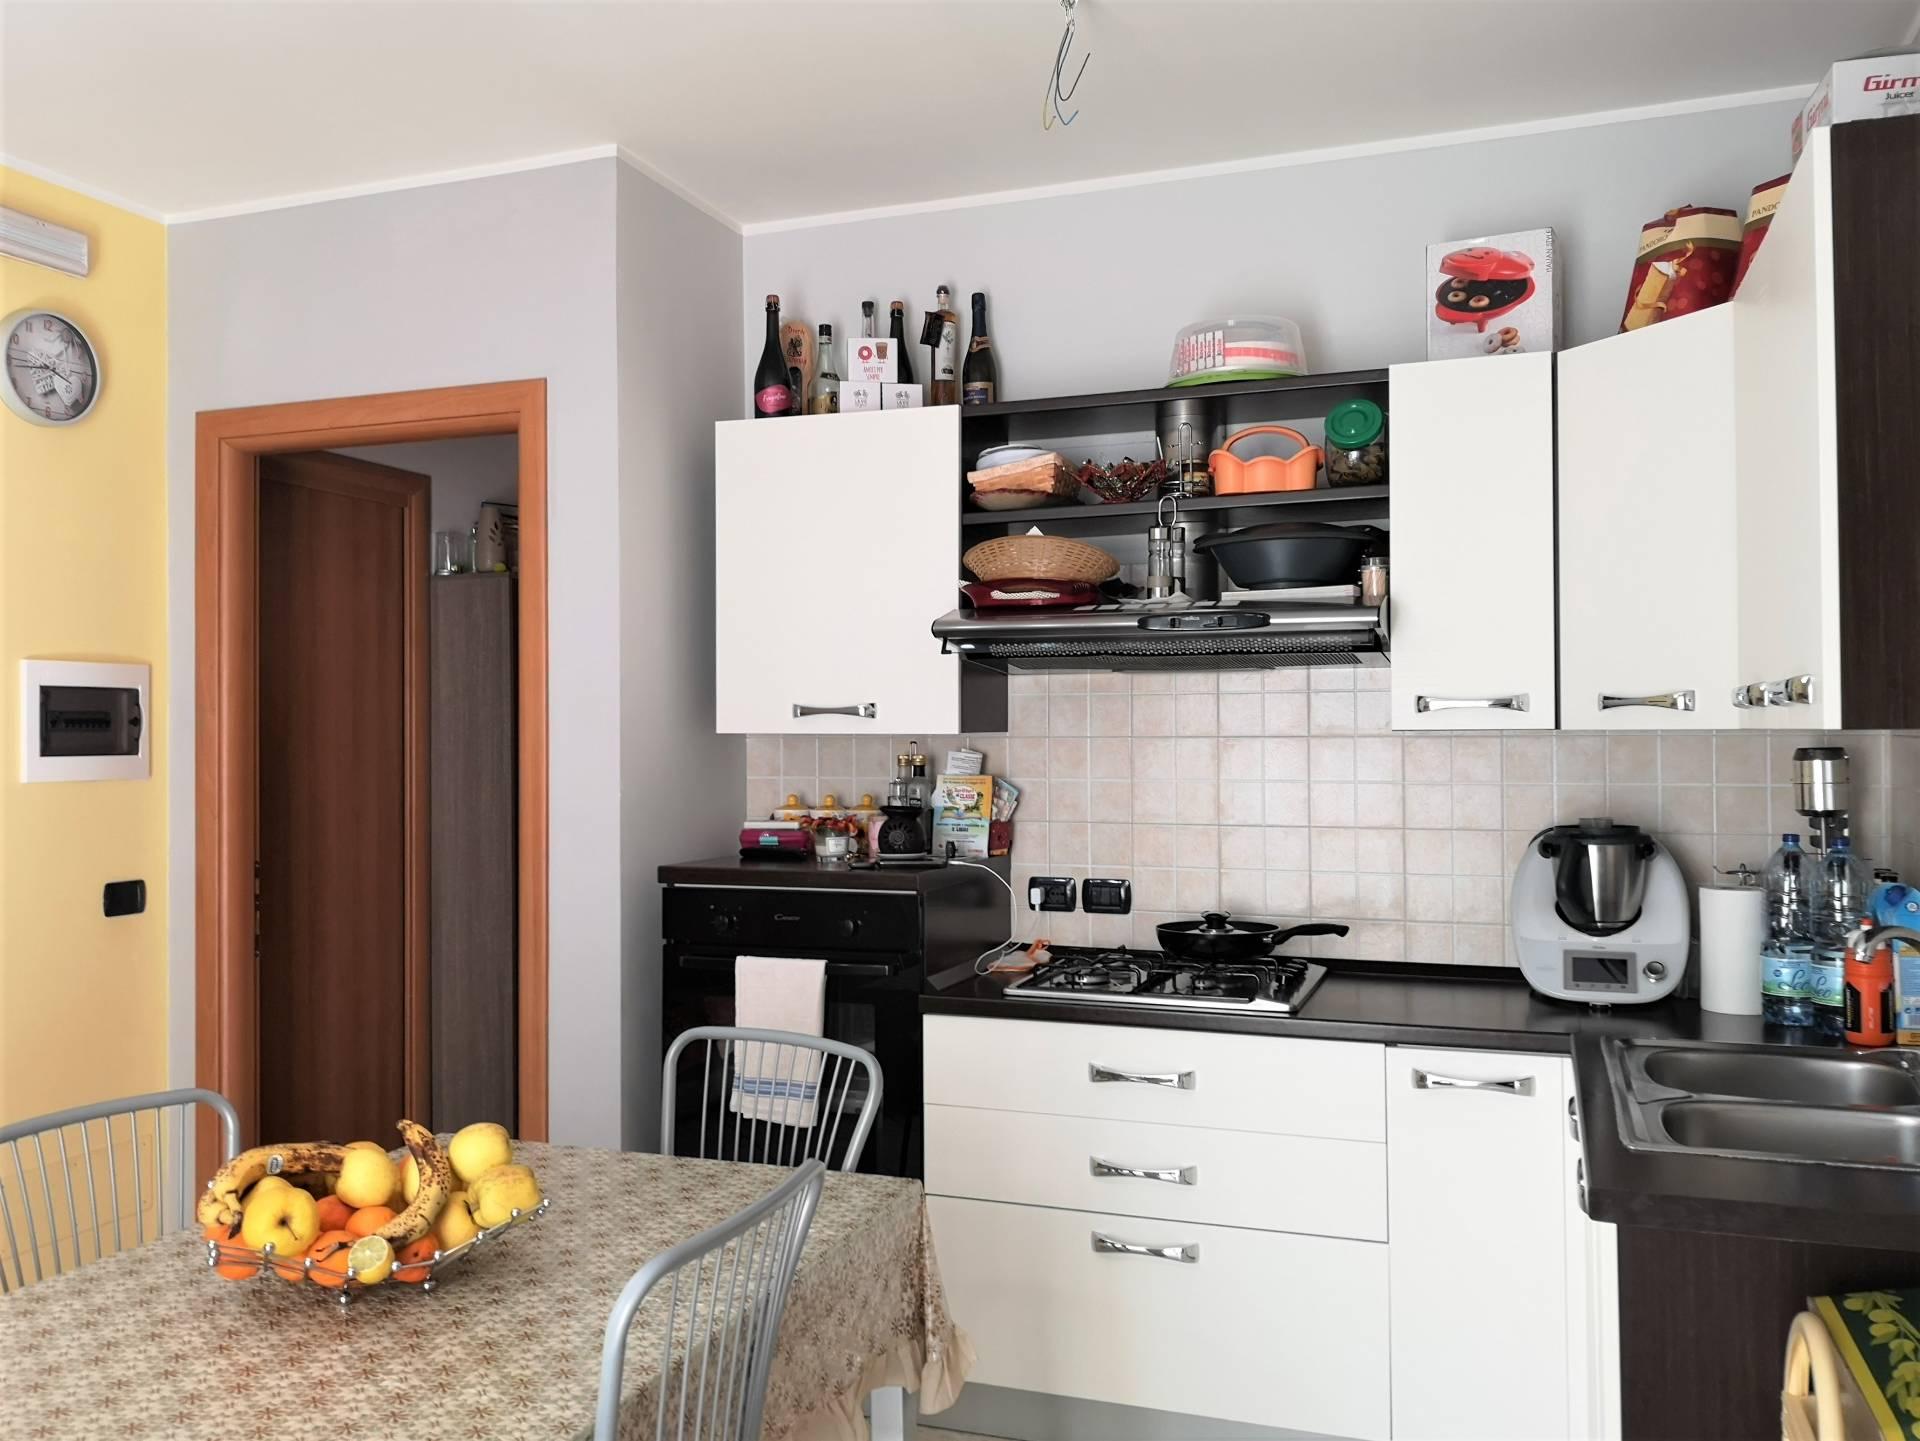 Appartamento in vendita a Montepaone, 3 locali, zona Località: MontepaoneLido, prezzo € 85.000 | PortaleAgenzieImmobiliari.it